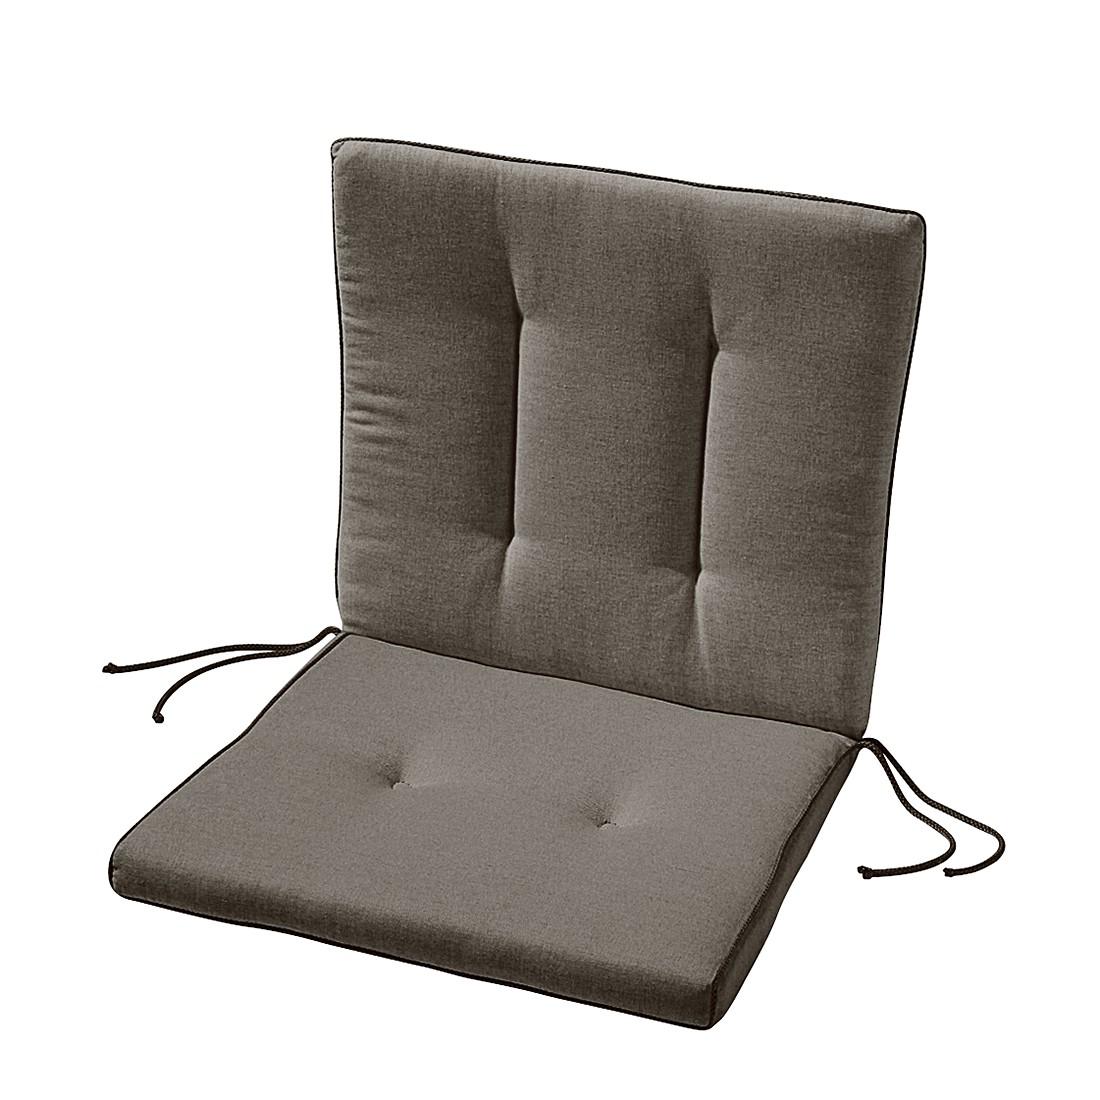 Home 24 - Coussin de chaise antigua - stone, best freizeitmöbel